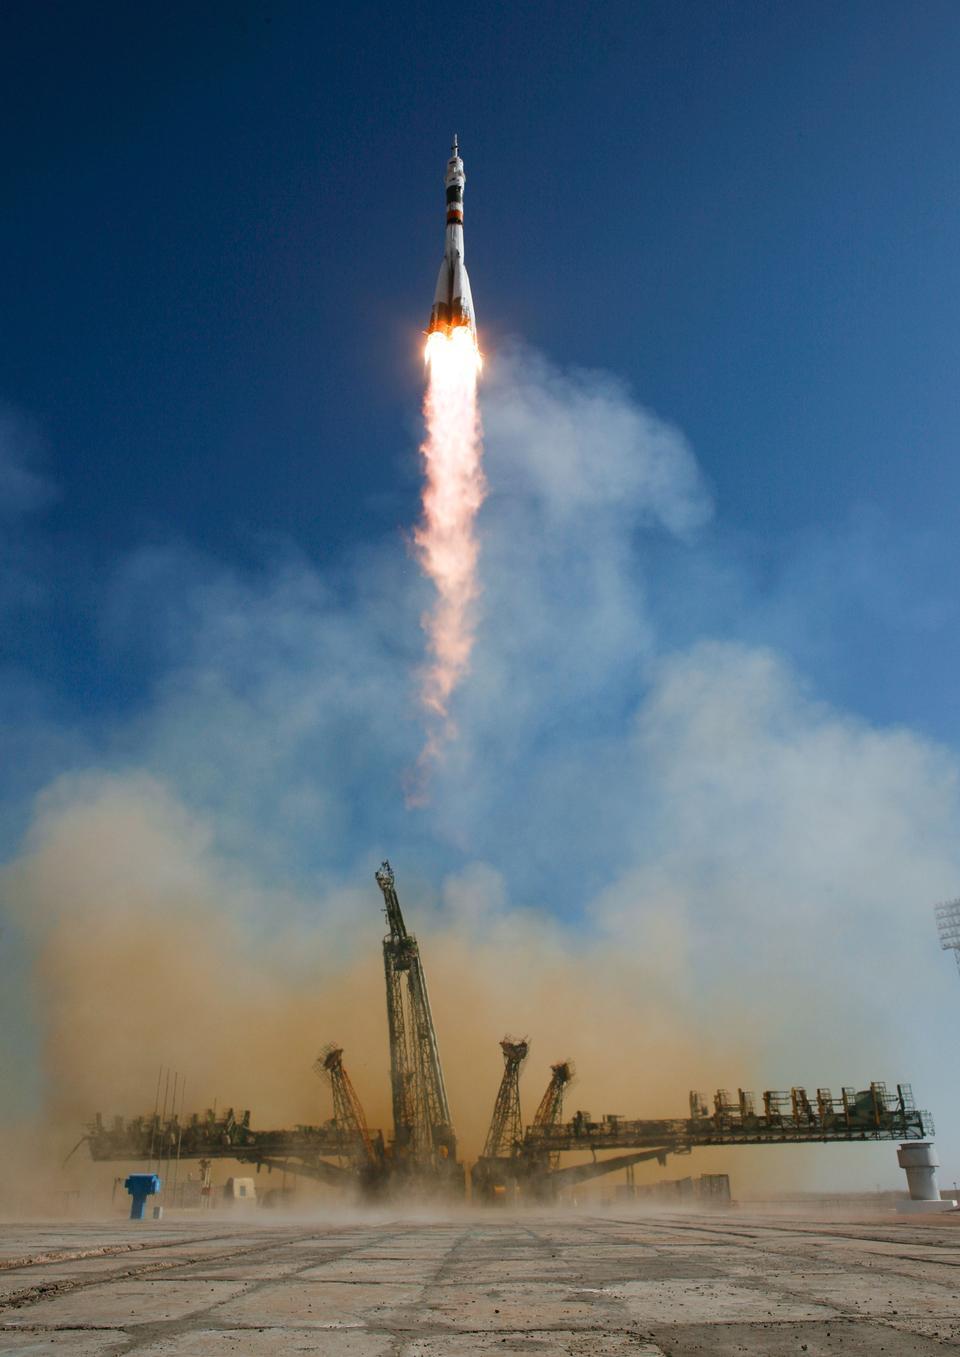 联盟TMA-16从哈萨克斯坦的拜科努尔航天发射场发射